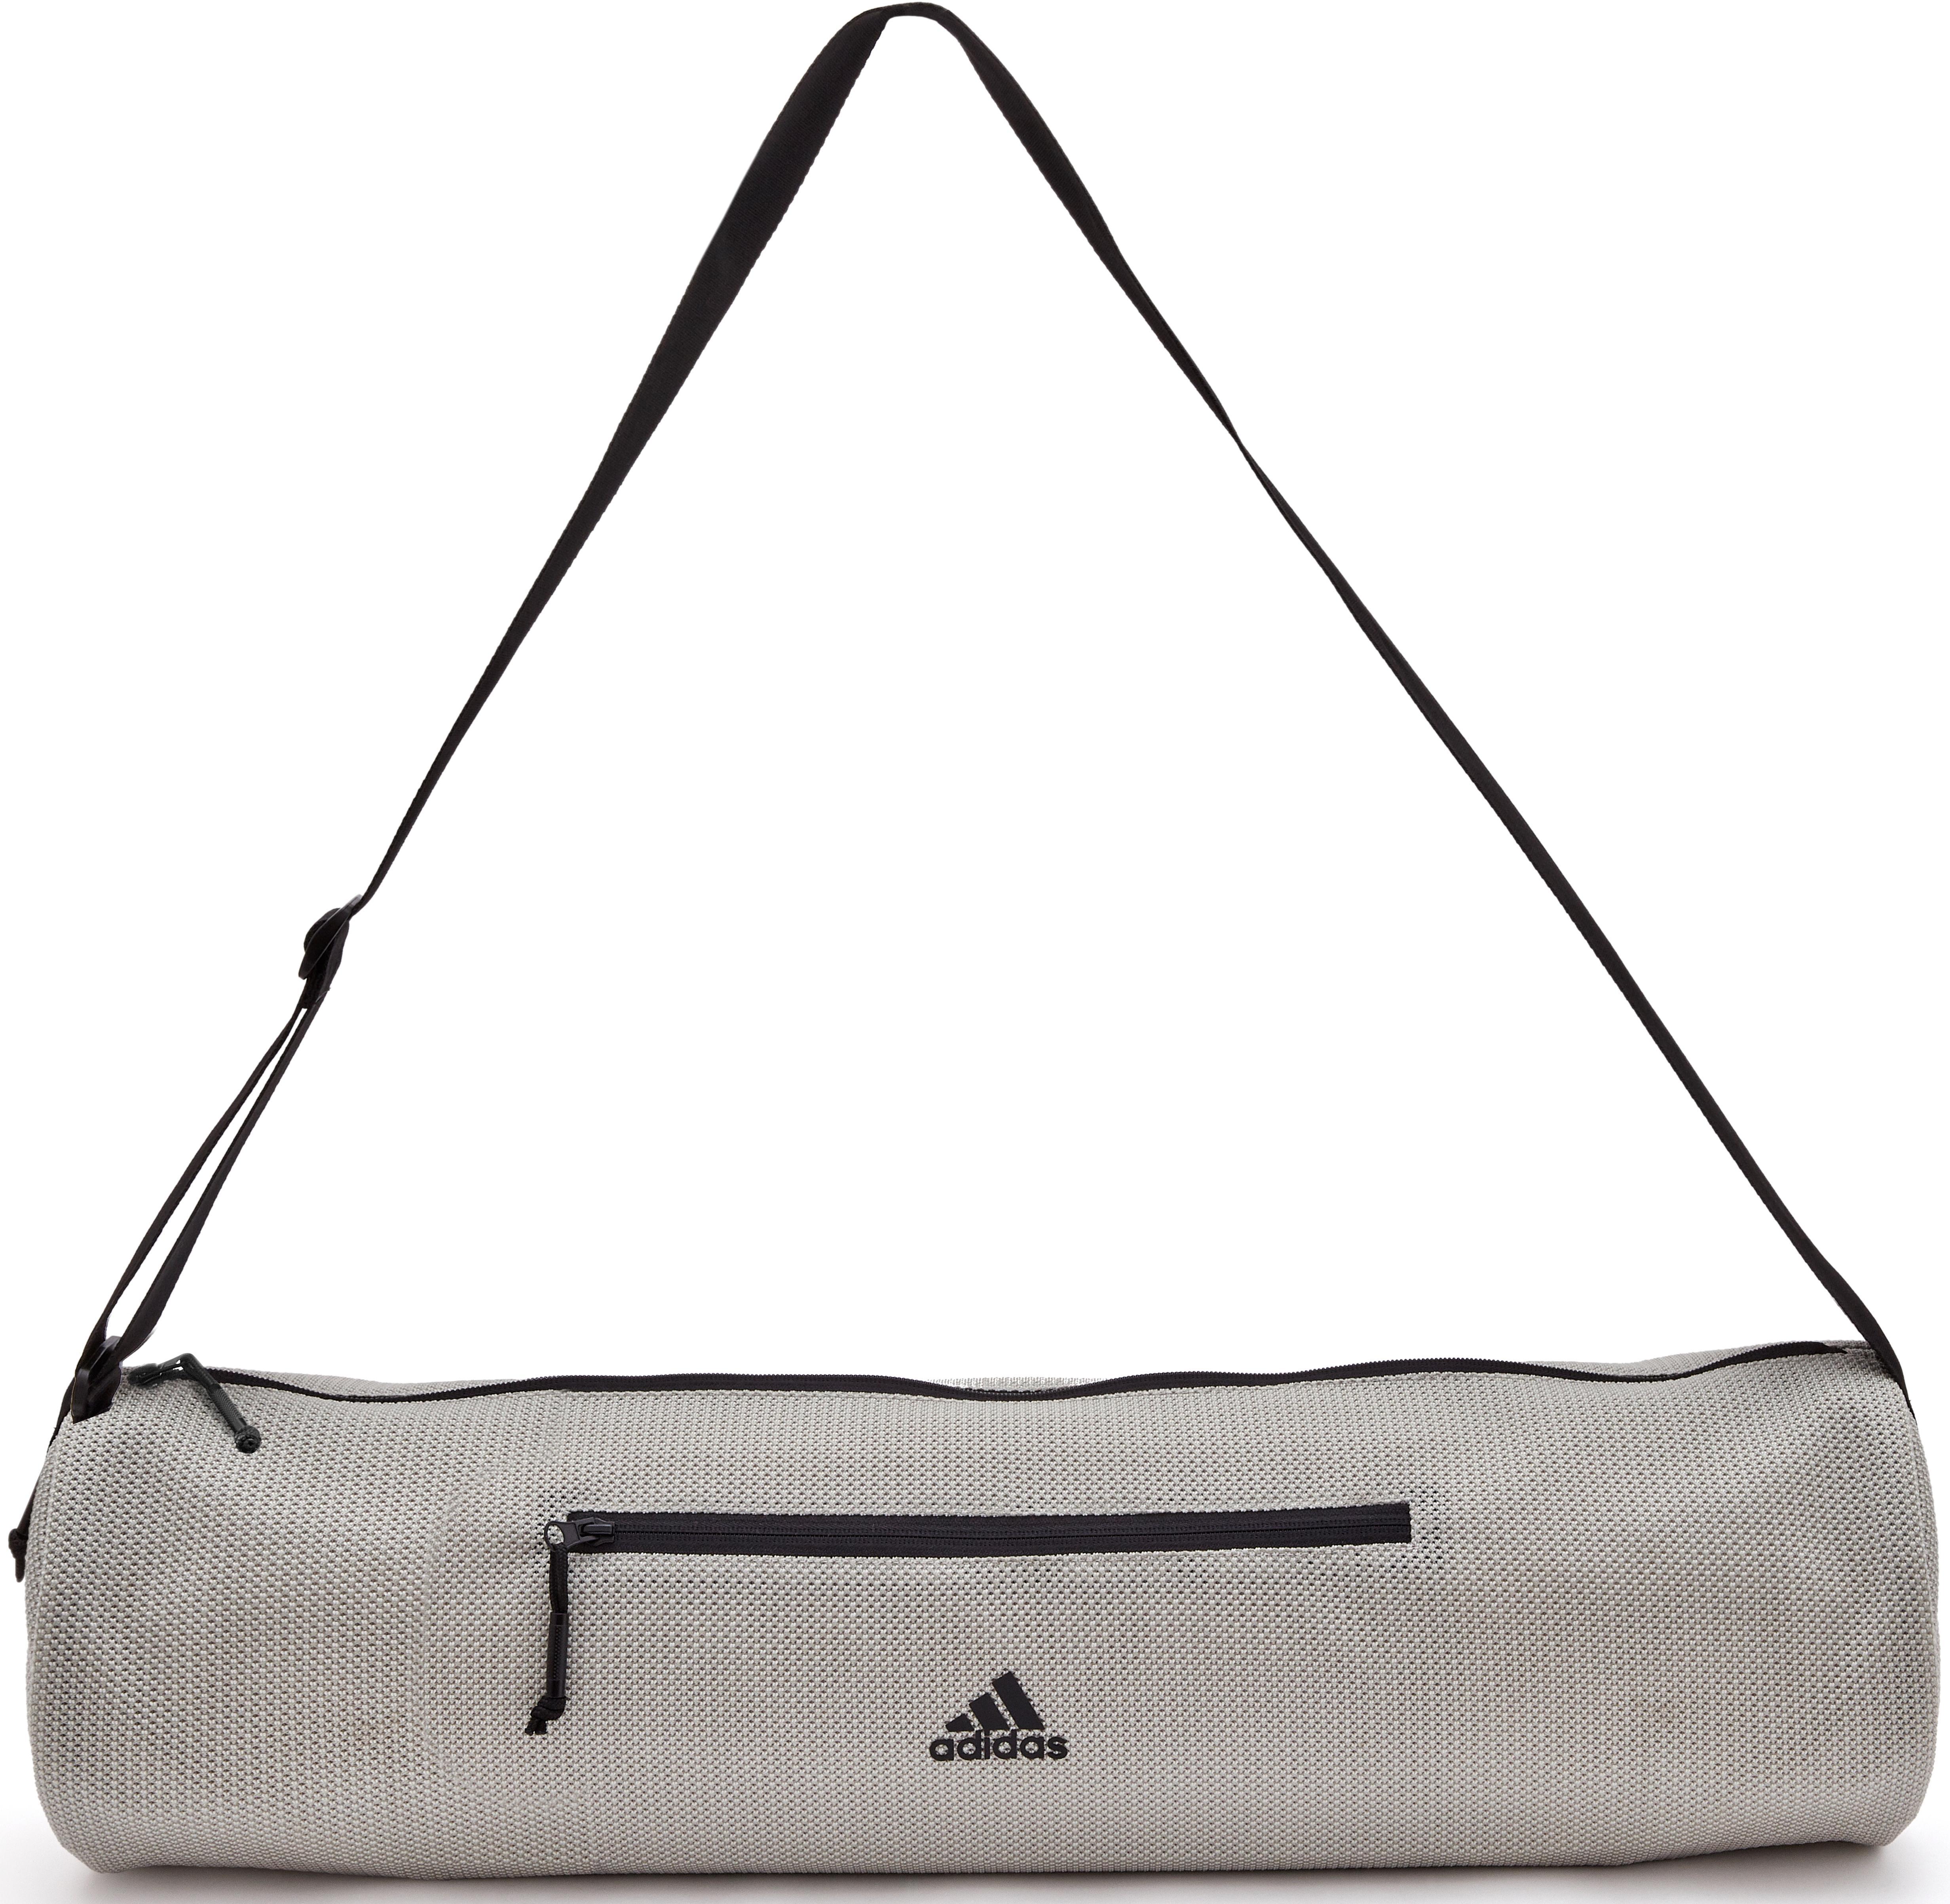 adidas Performance Yogatasche Mat Bag - Grey Technik & Freizeit/Sport & Freizeit/Sportausrüstung & Accessoires/Taschen/Yogataschen